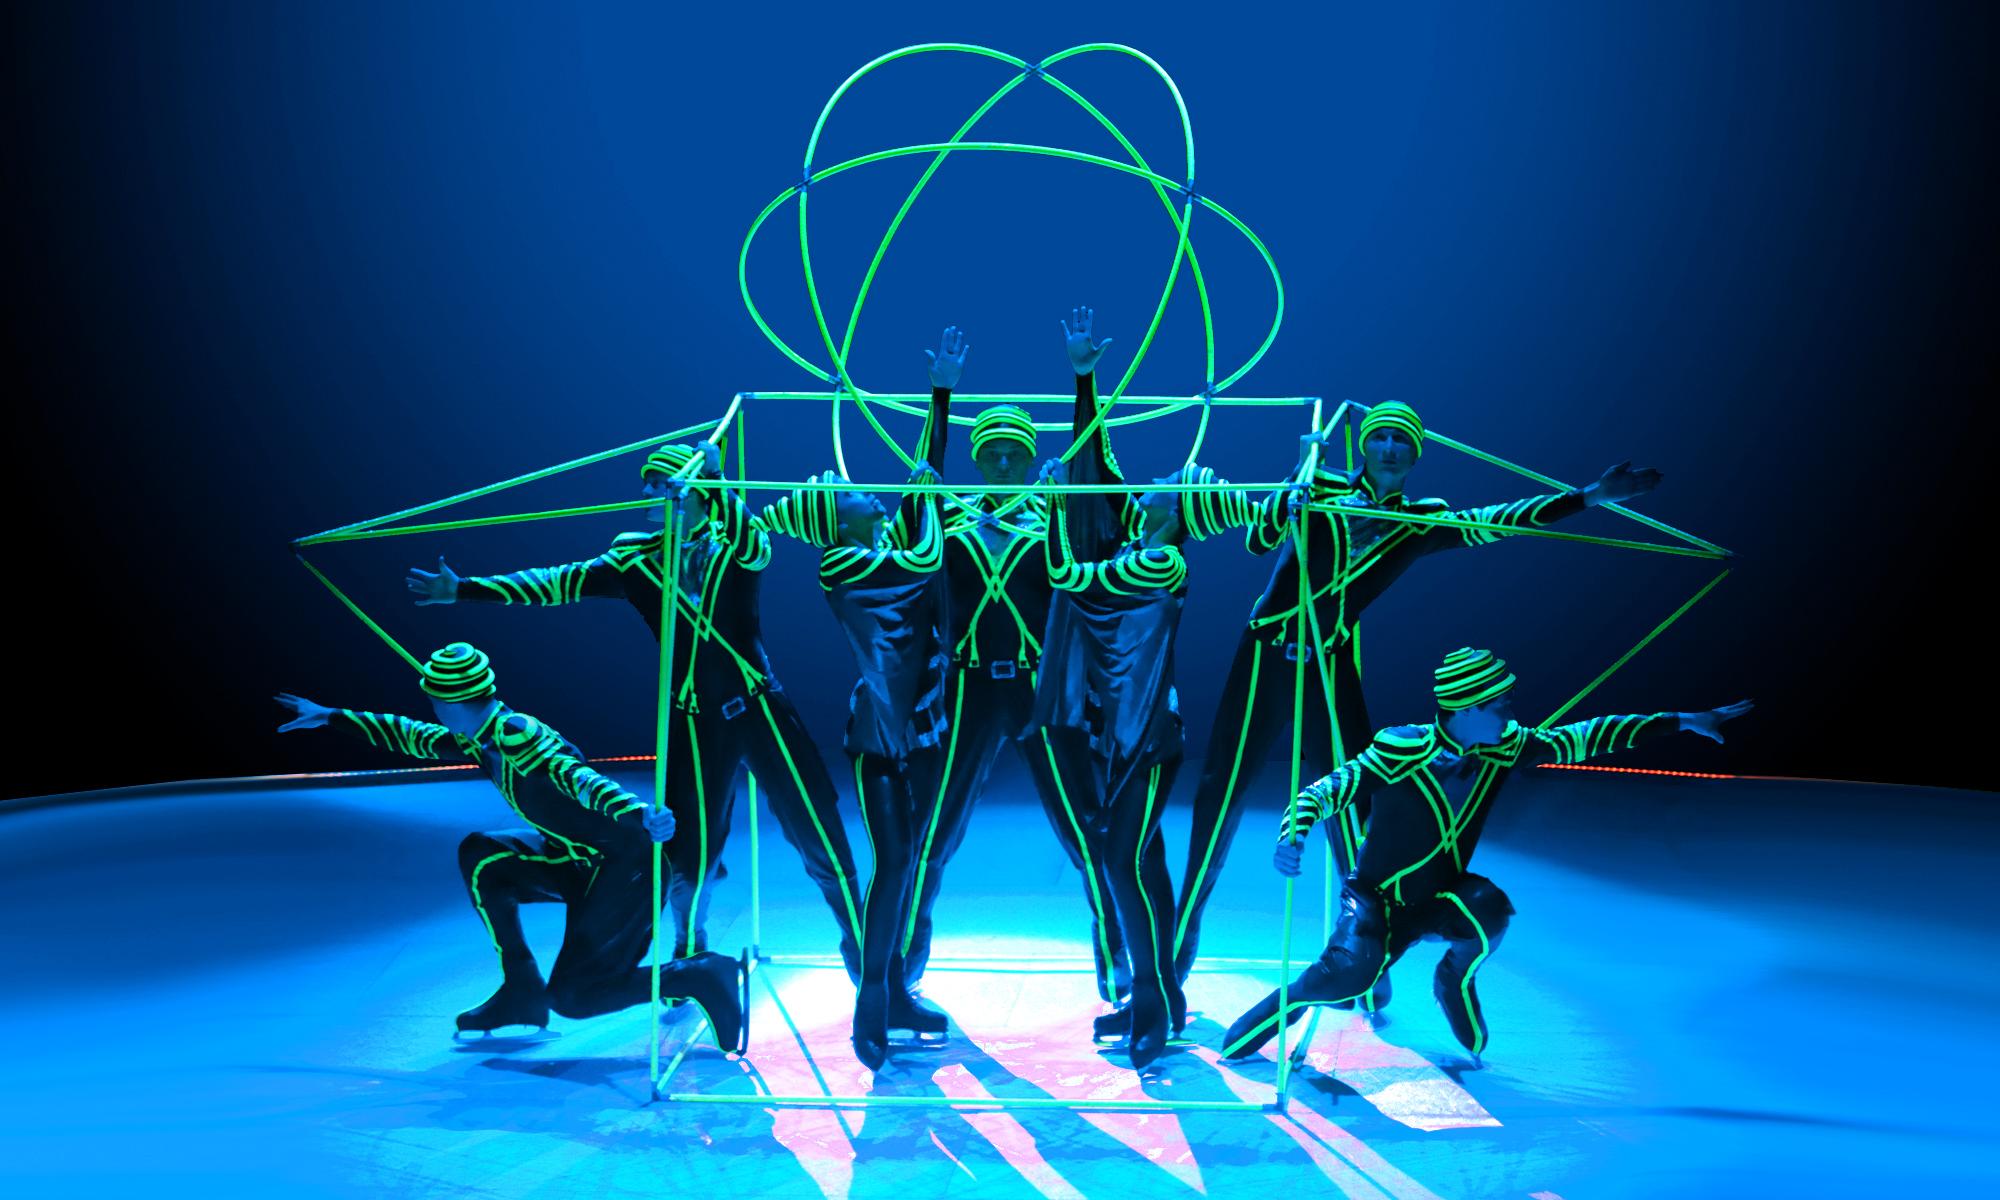 артисты в объёмных геометрических фигурах